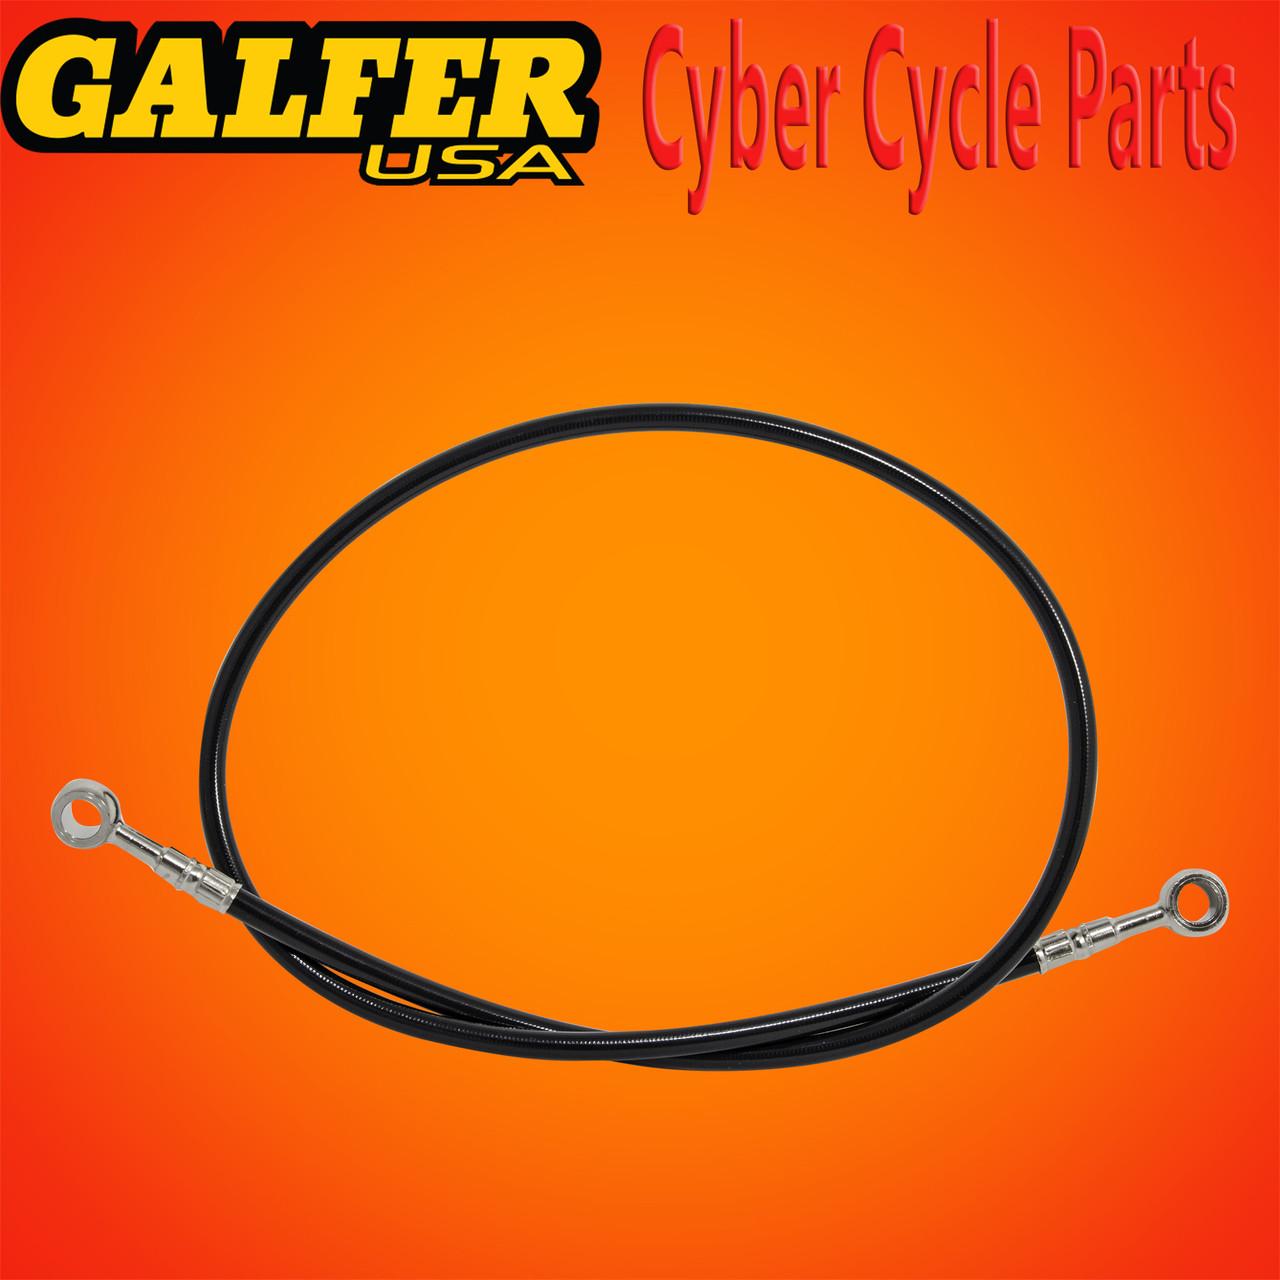 Galfer 36 inch Black rear extended brake line